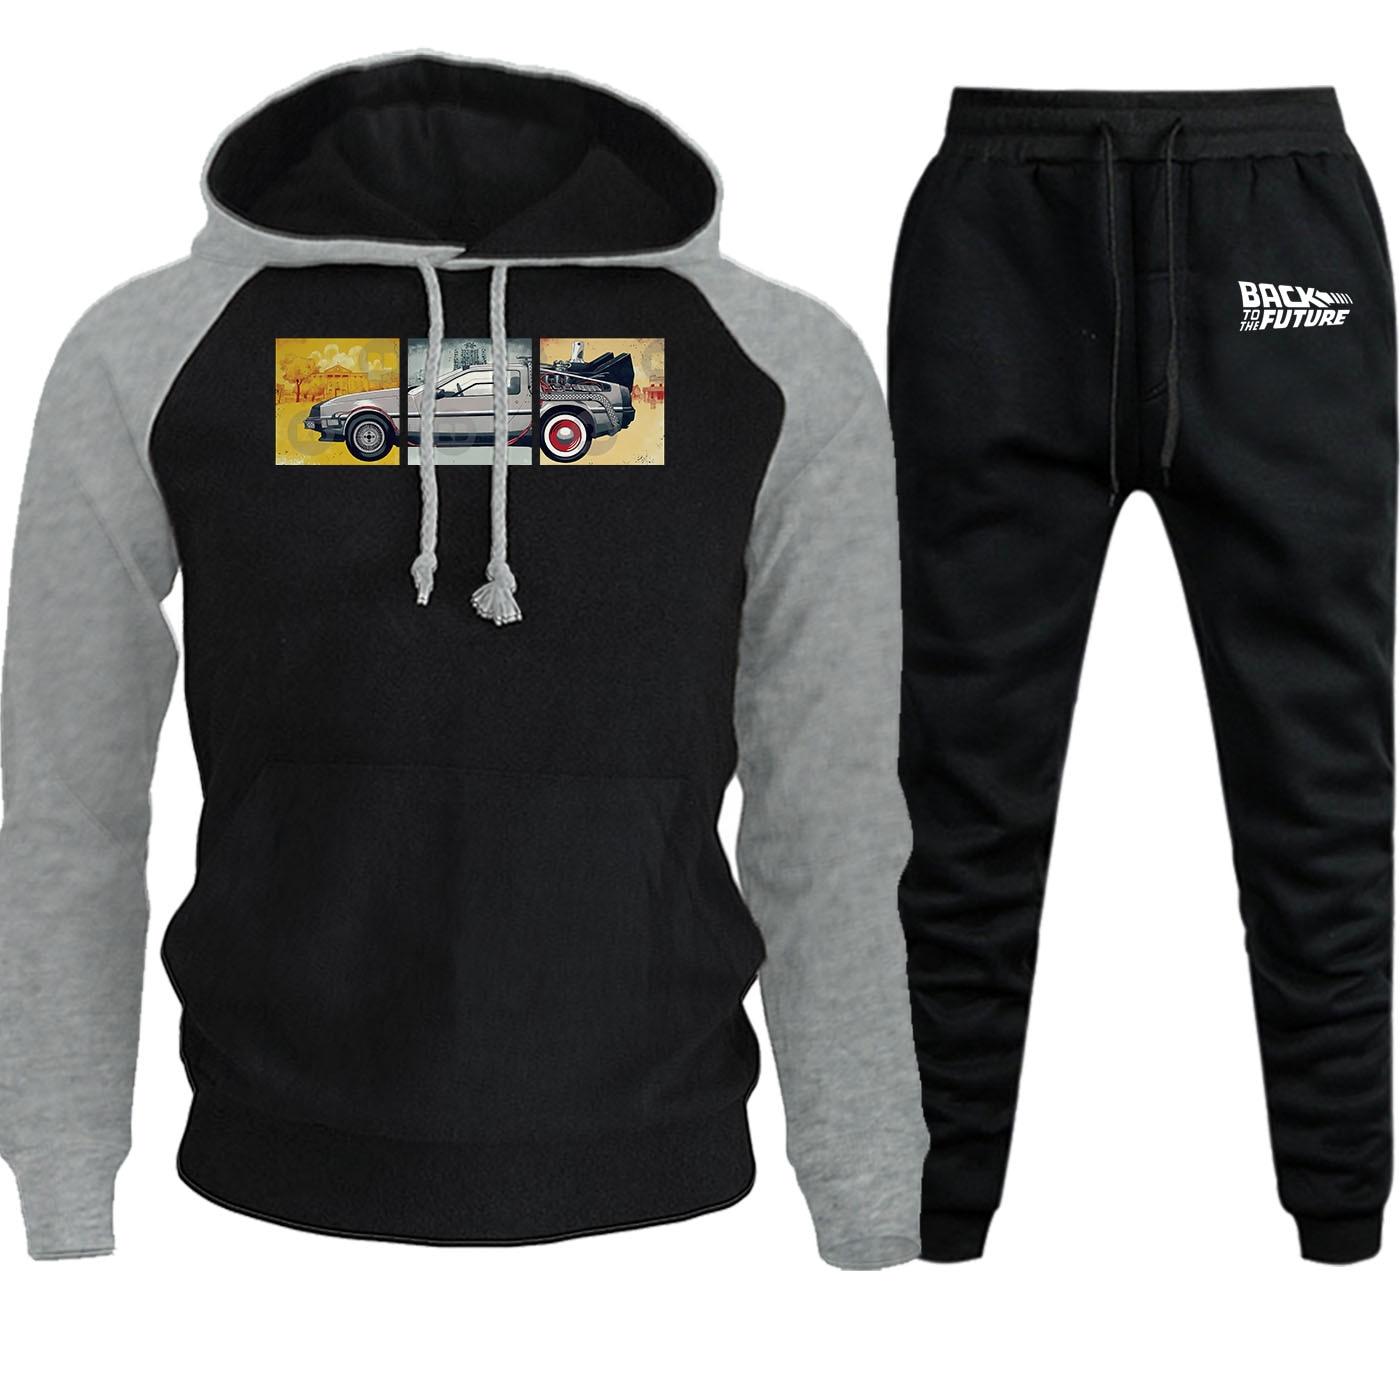 2019 Autumn Back To The Future Fleece Hoodies Raglan Men Streetwear Hip Hop Suit Sweatshirt Mens Hoodie+Sweatpants 2 Piece Set